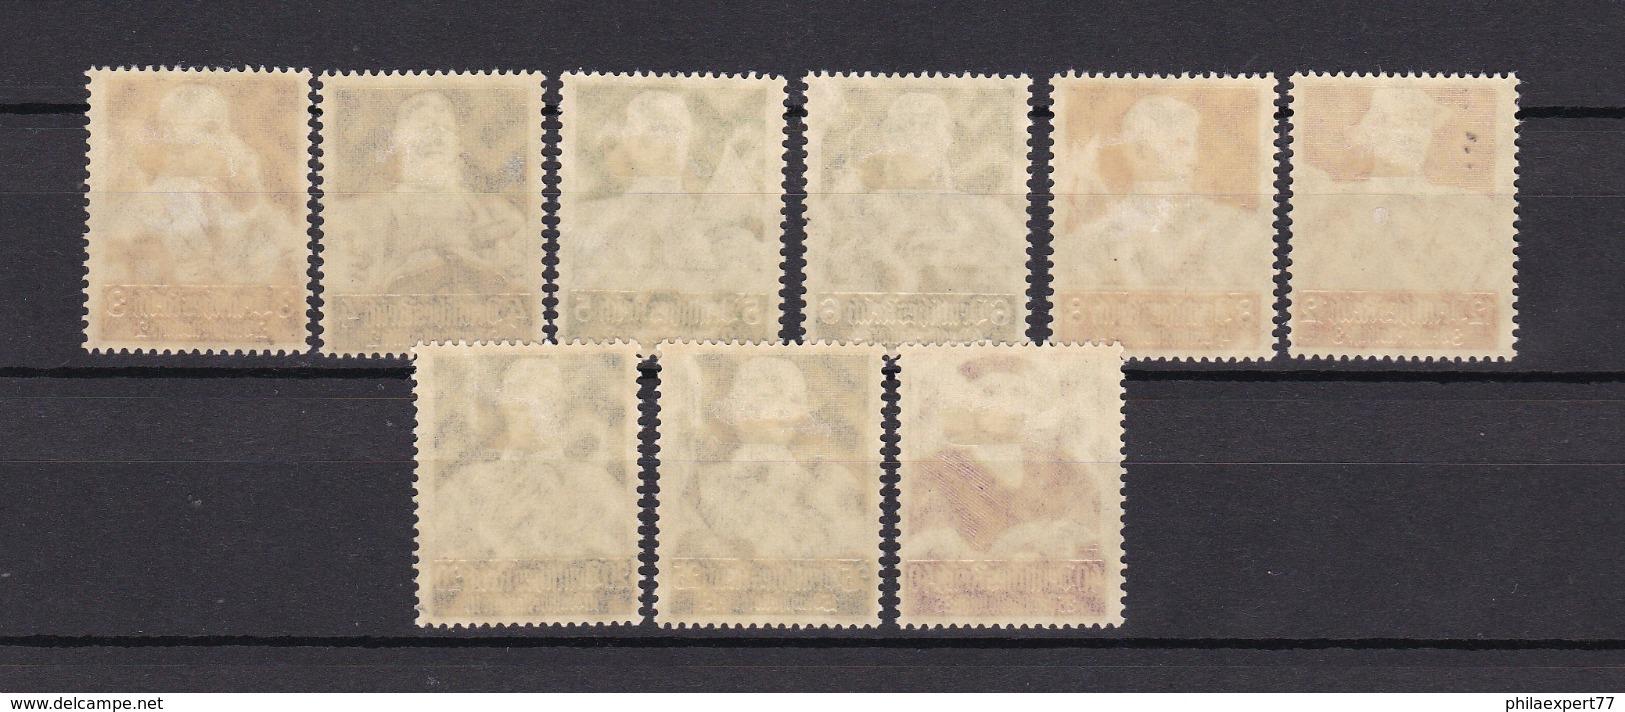 Deutsches Reich - 1934 - Michel Nr. 556/564 - Ungebr.- 100 Euro - Deutschland